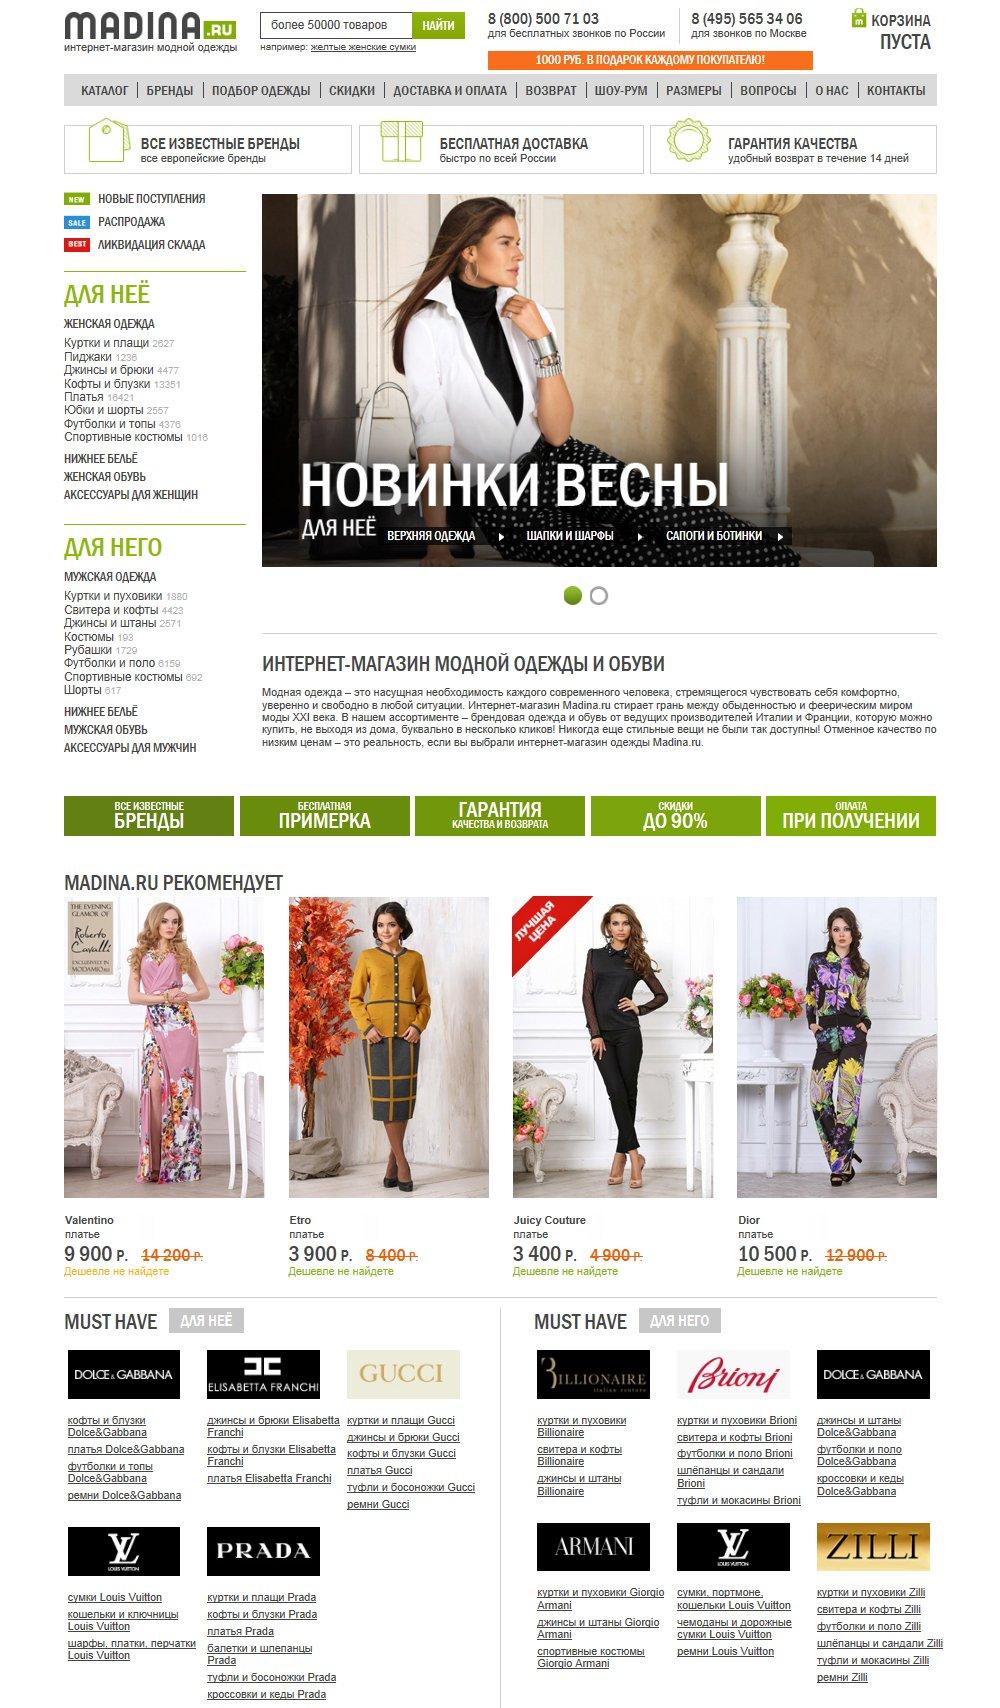 Главная страница интернет-магазина модной одежды Madina.ru